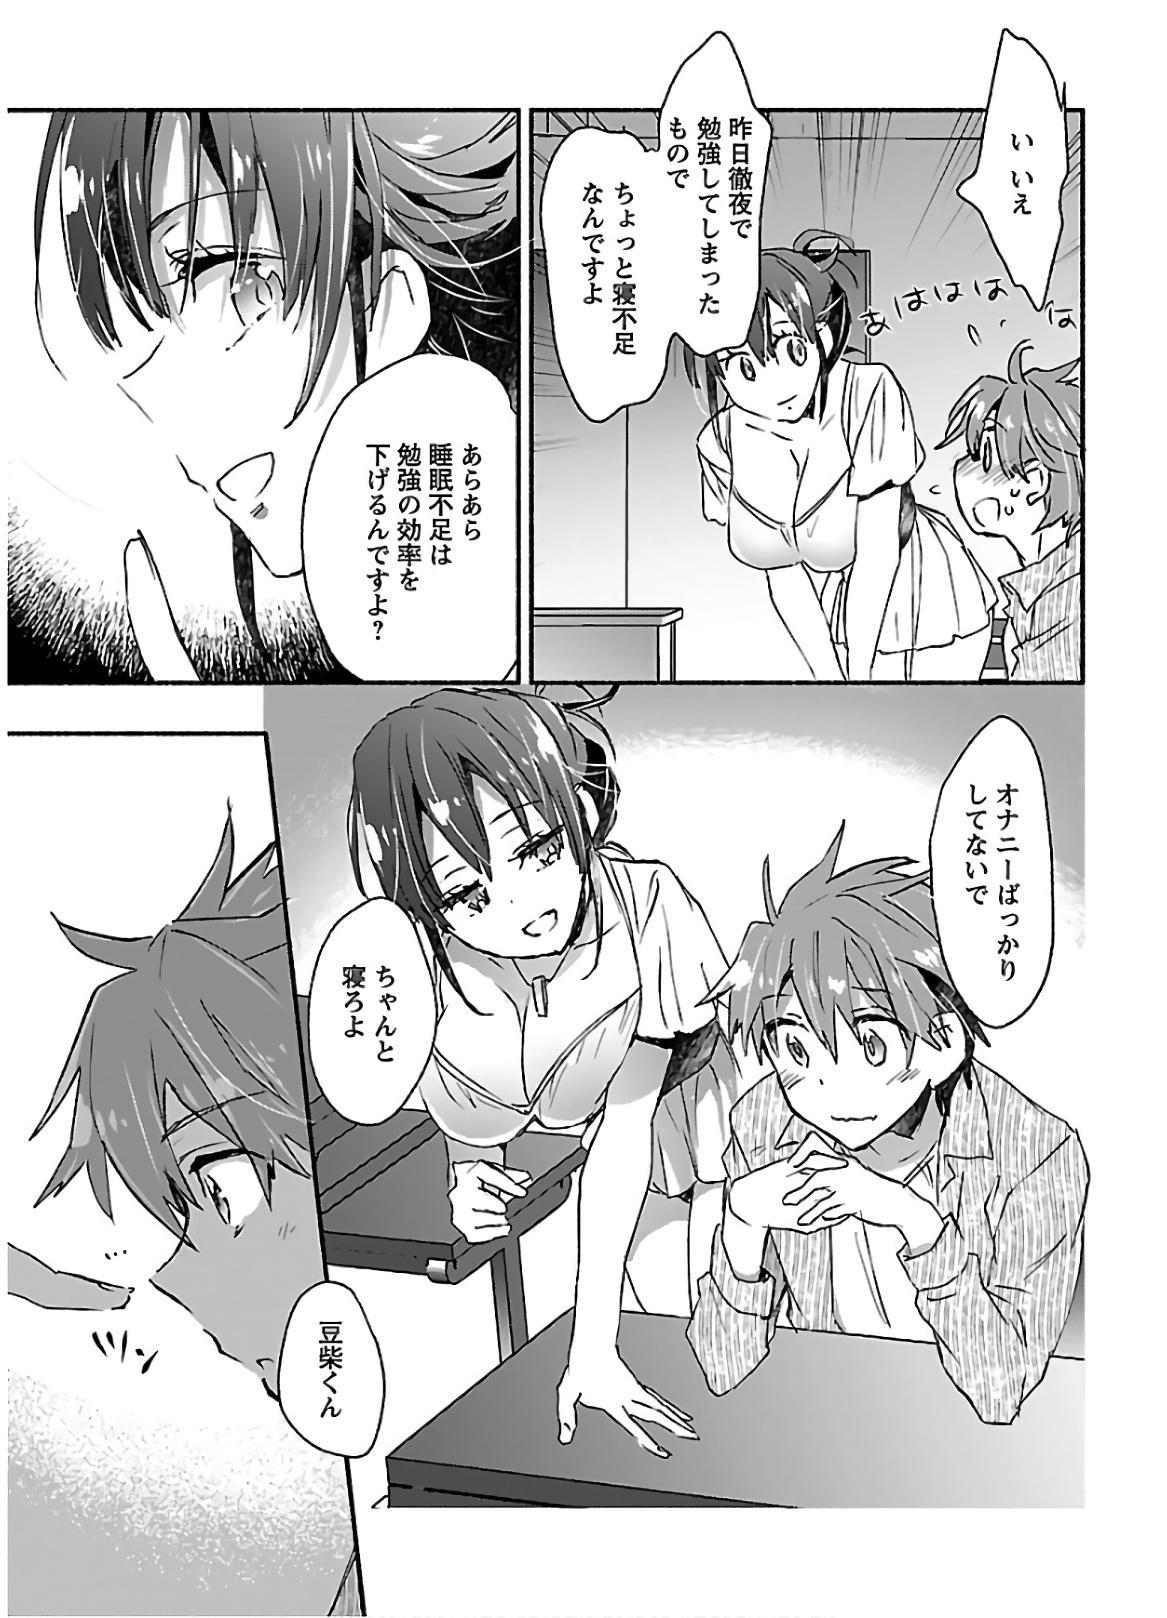 Yankii musume ni natsukarete kotoshi mo juken ni shippai shisou desu  vol.1 34